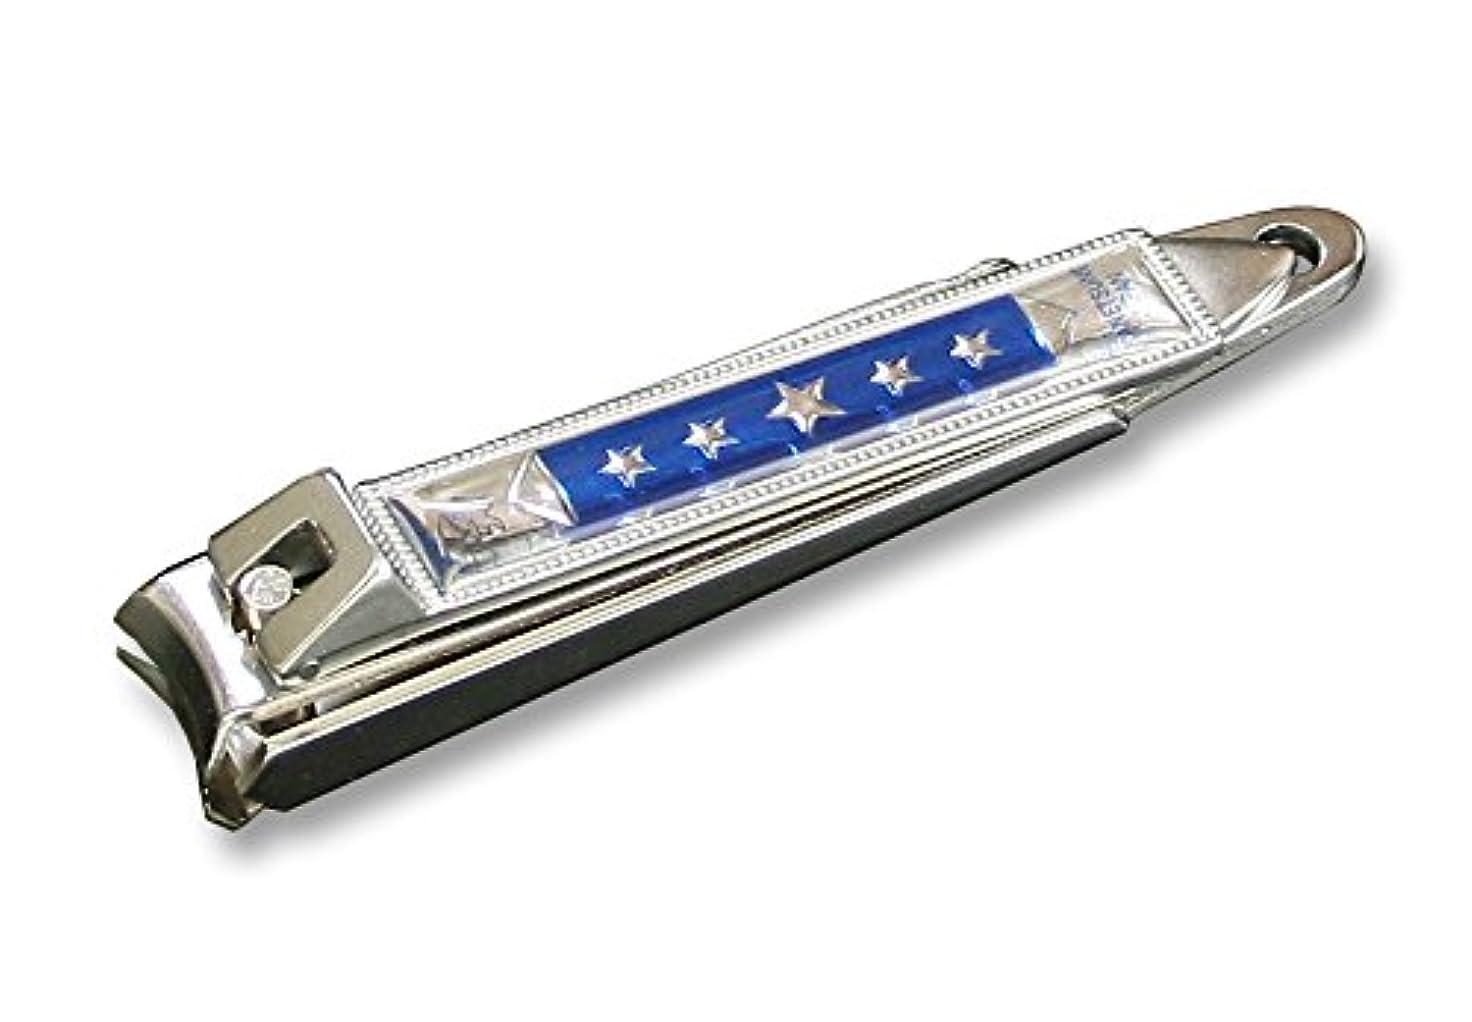 関連付ける大量シャーKC-050BL 関の刃物 関兼常 チラーヌ爪切 大 青